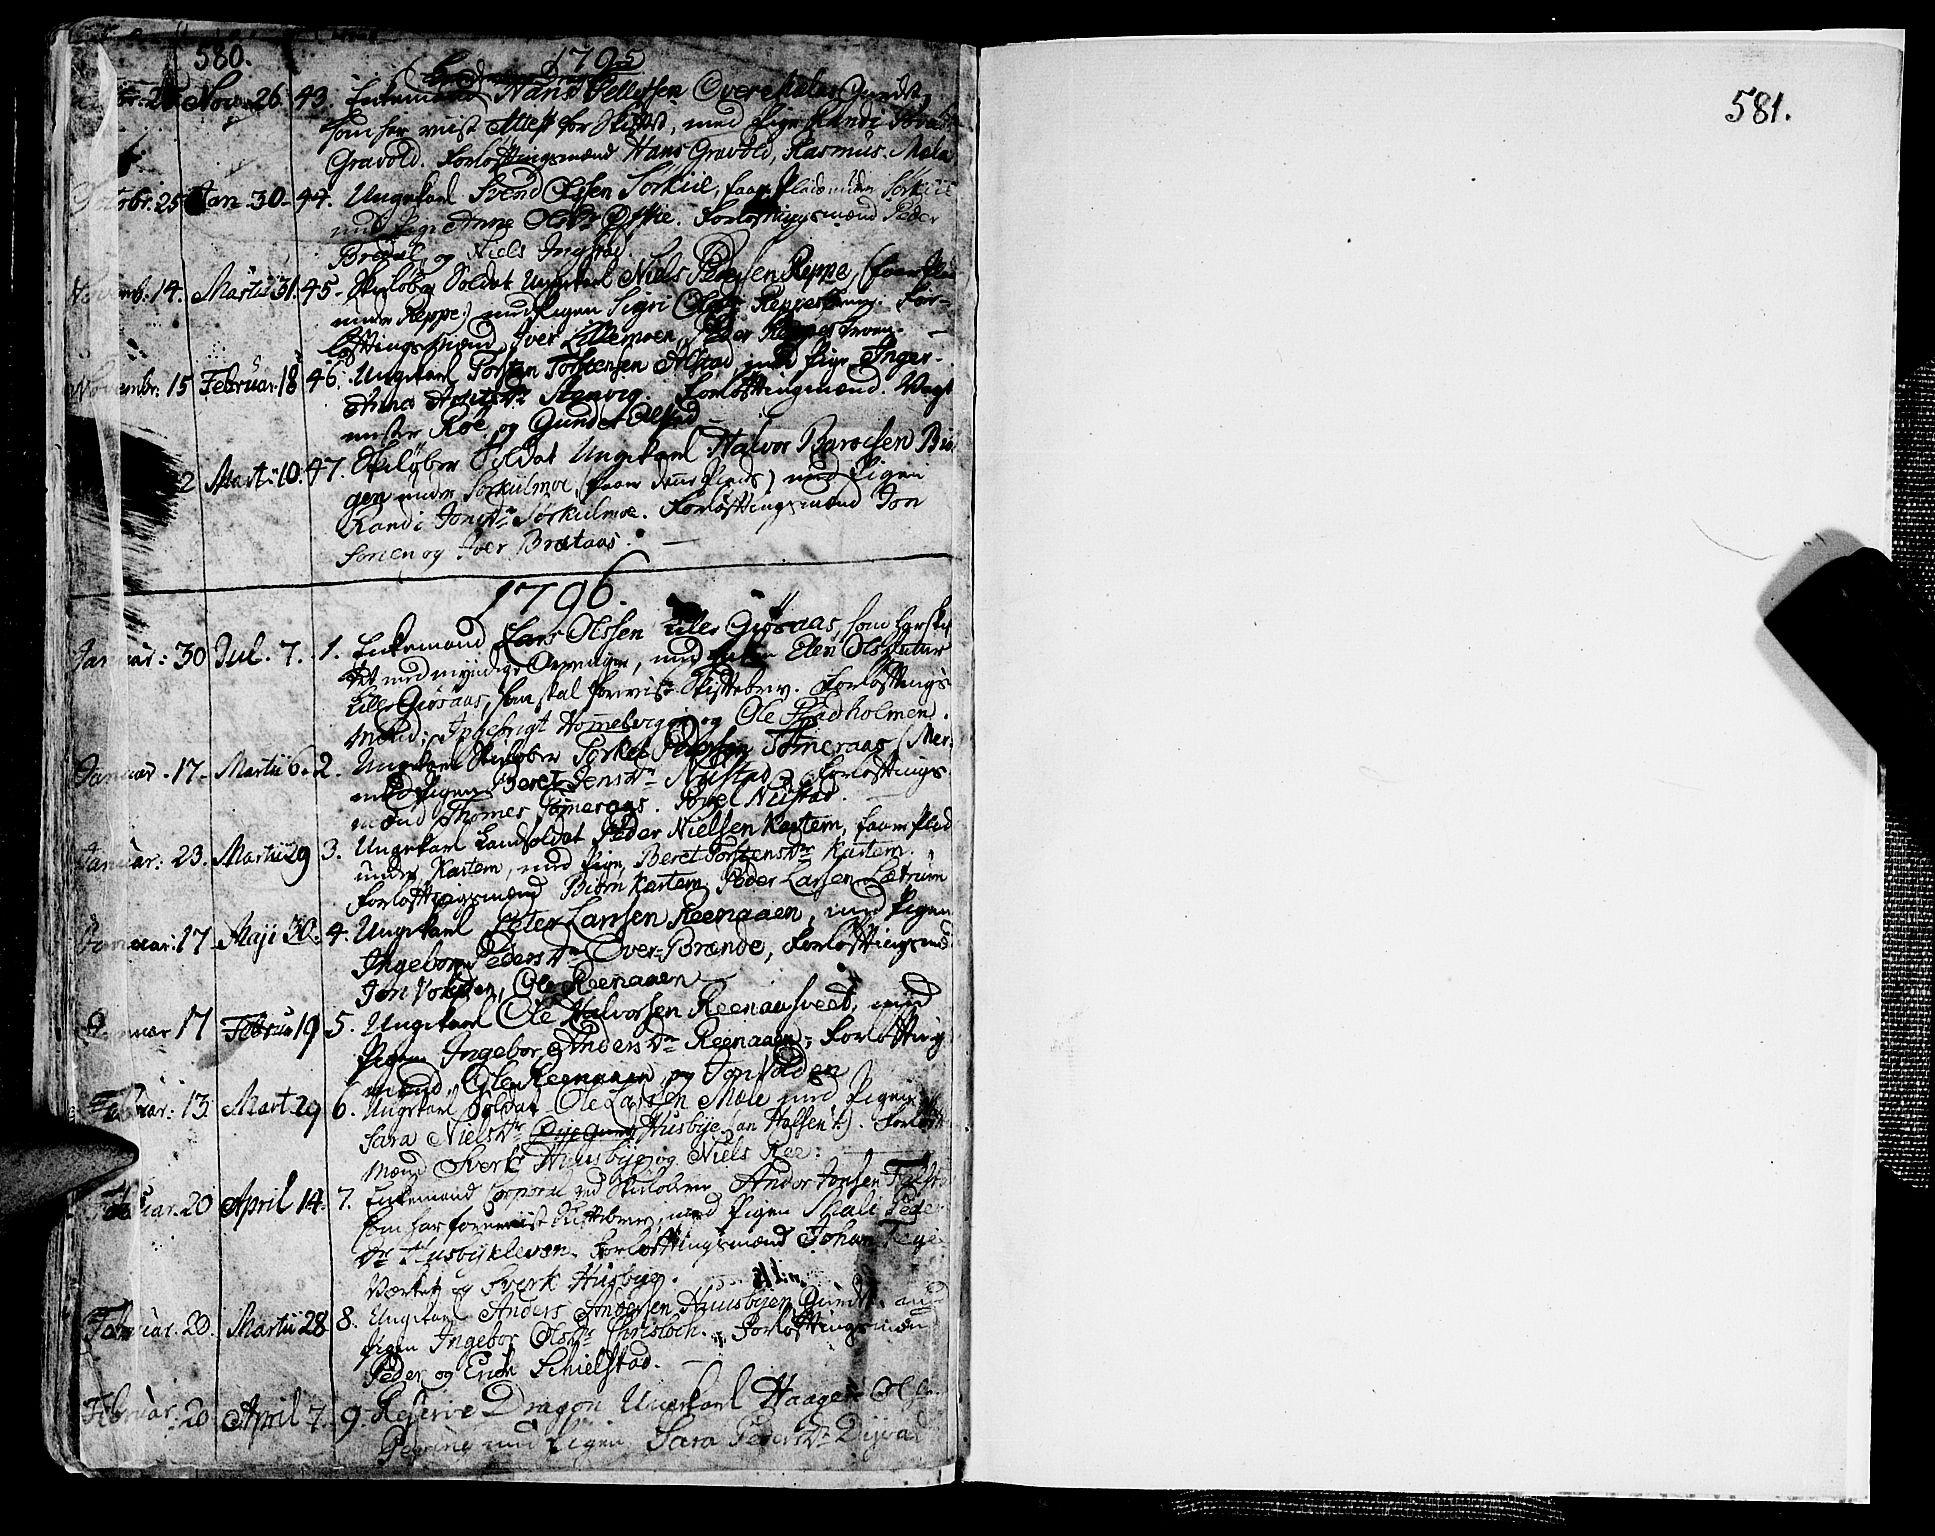 SAT, Ministerialprotokoller, klokkerbøker og fødselsregistre - Nord-Trøndelag, 709/L0059: Ministerialbok nr. 709A06, 1781-1797, s. 580-581